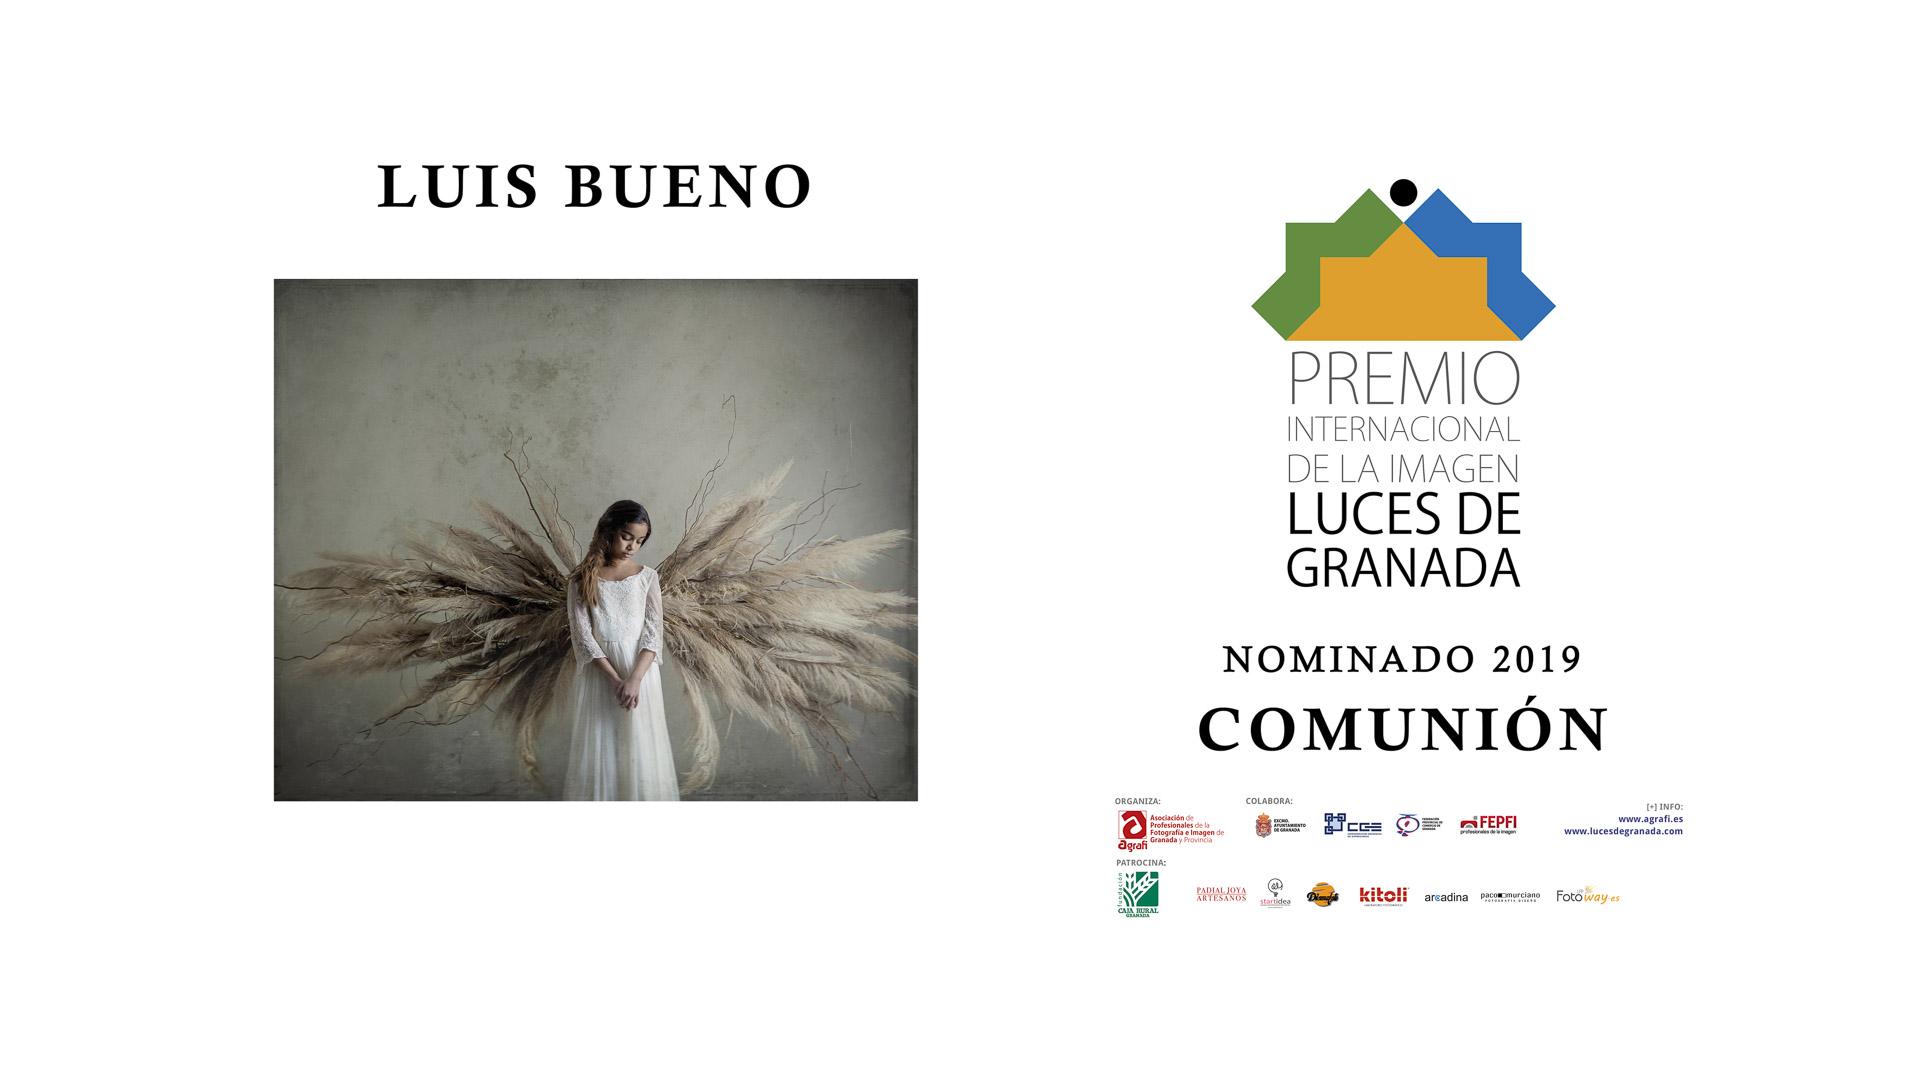 COM31_LUIS BUENO